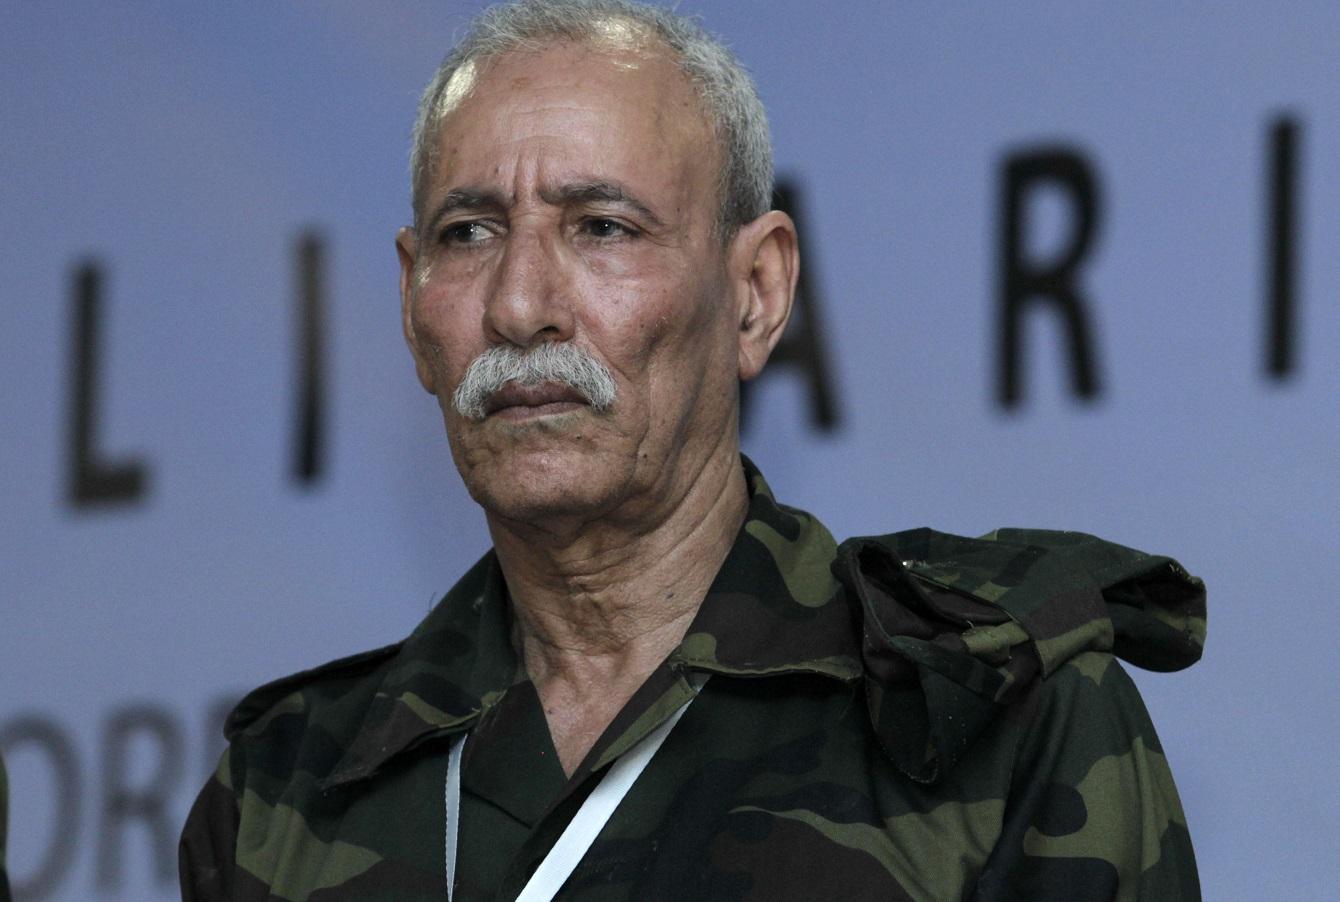 صورة زعيم جبهة البوليساريو يمثل اليوم أمام القضاء الاسباني